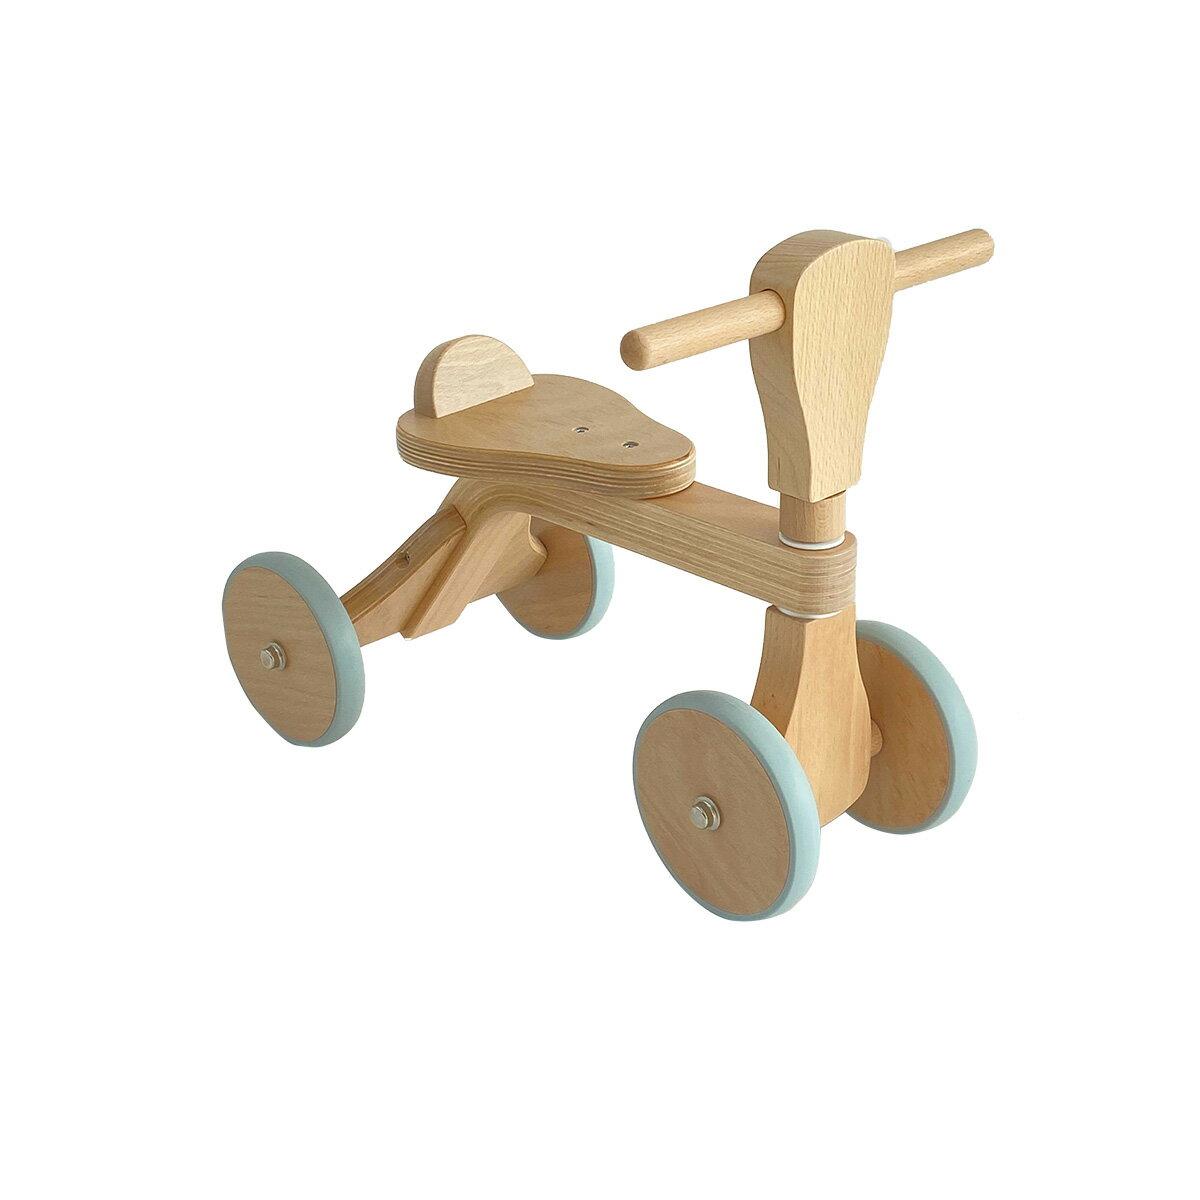 乗用玩具 木のおもちゃ ファーストウッディバイク(ナチュラル)「HOPPL(ホップル)」 「ボーネルンド 四輪プッシュバイク」と同サイズ 木 四輪車 木製 乗り物